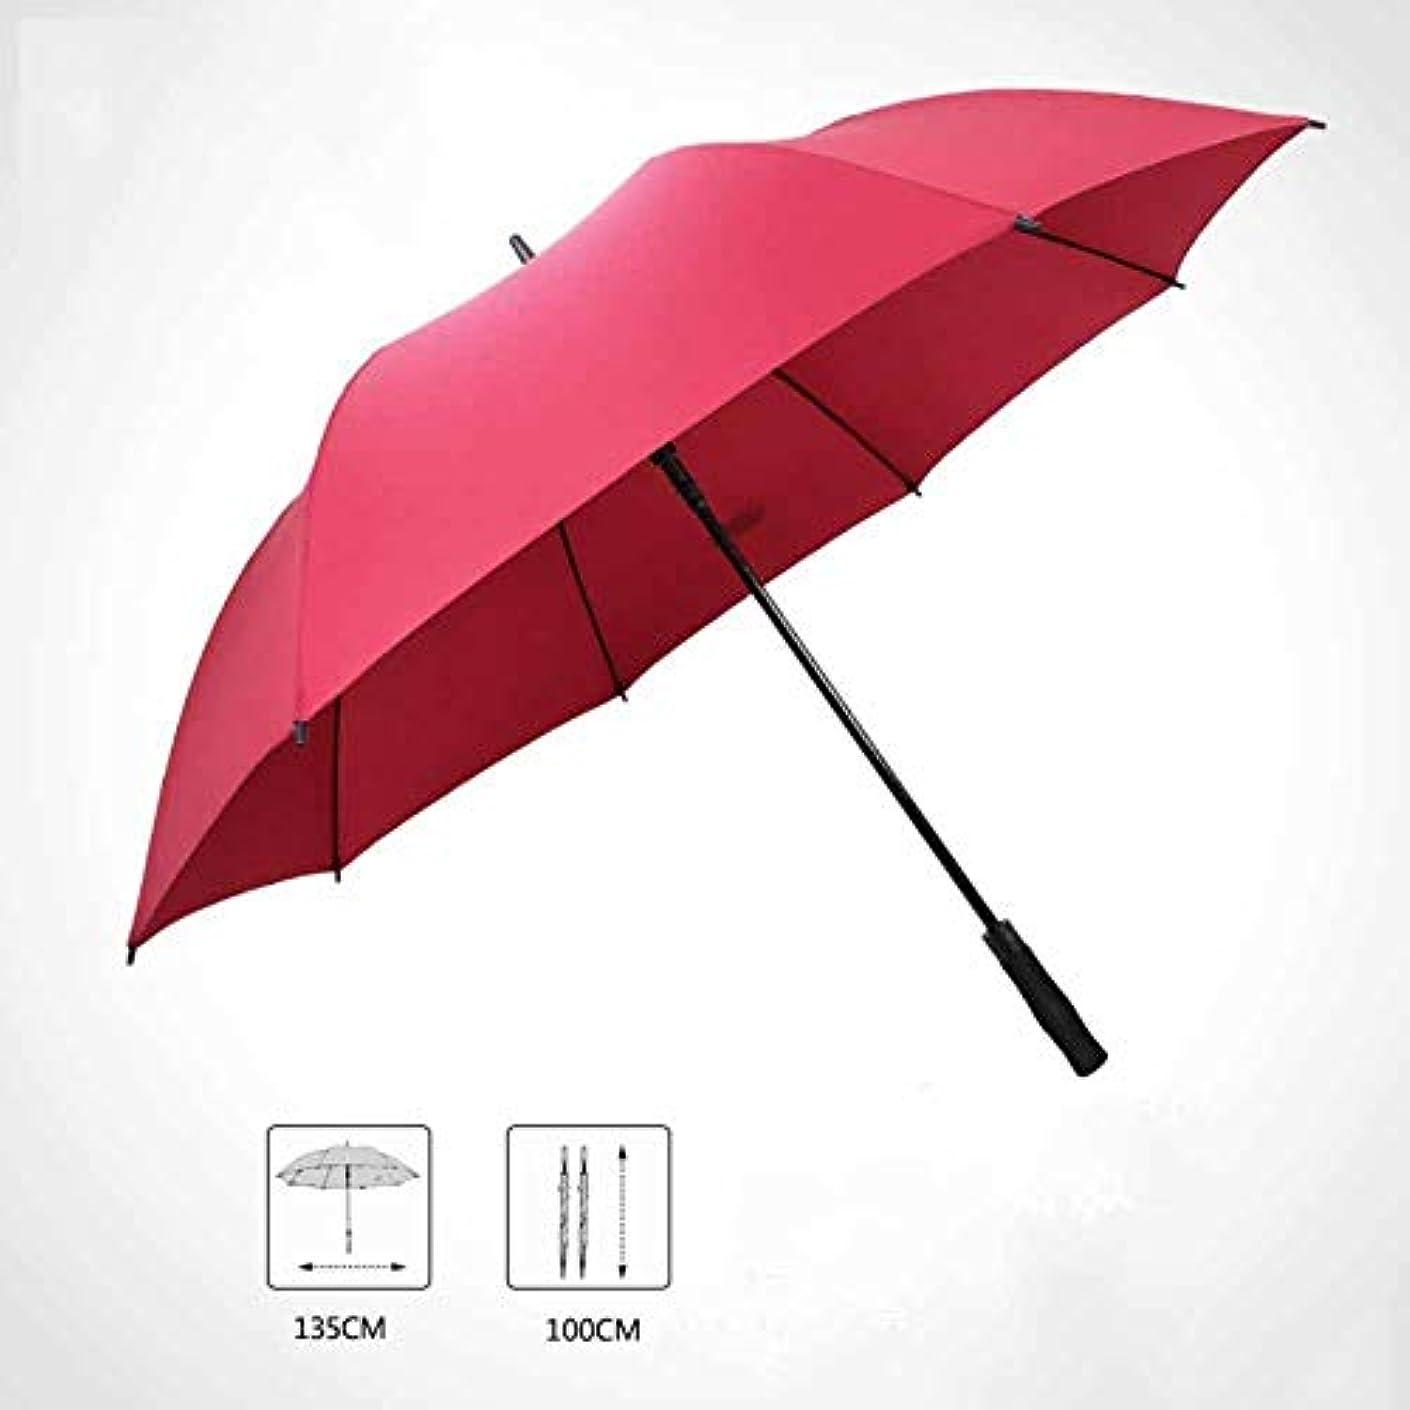 潜在的な強調一般的なChuangshengnet 傘風力発電事業長柄傘ゴルフ傘長柄傘日当たりの良い傘 (Color : 赤)